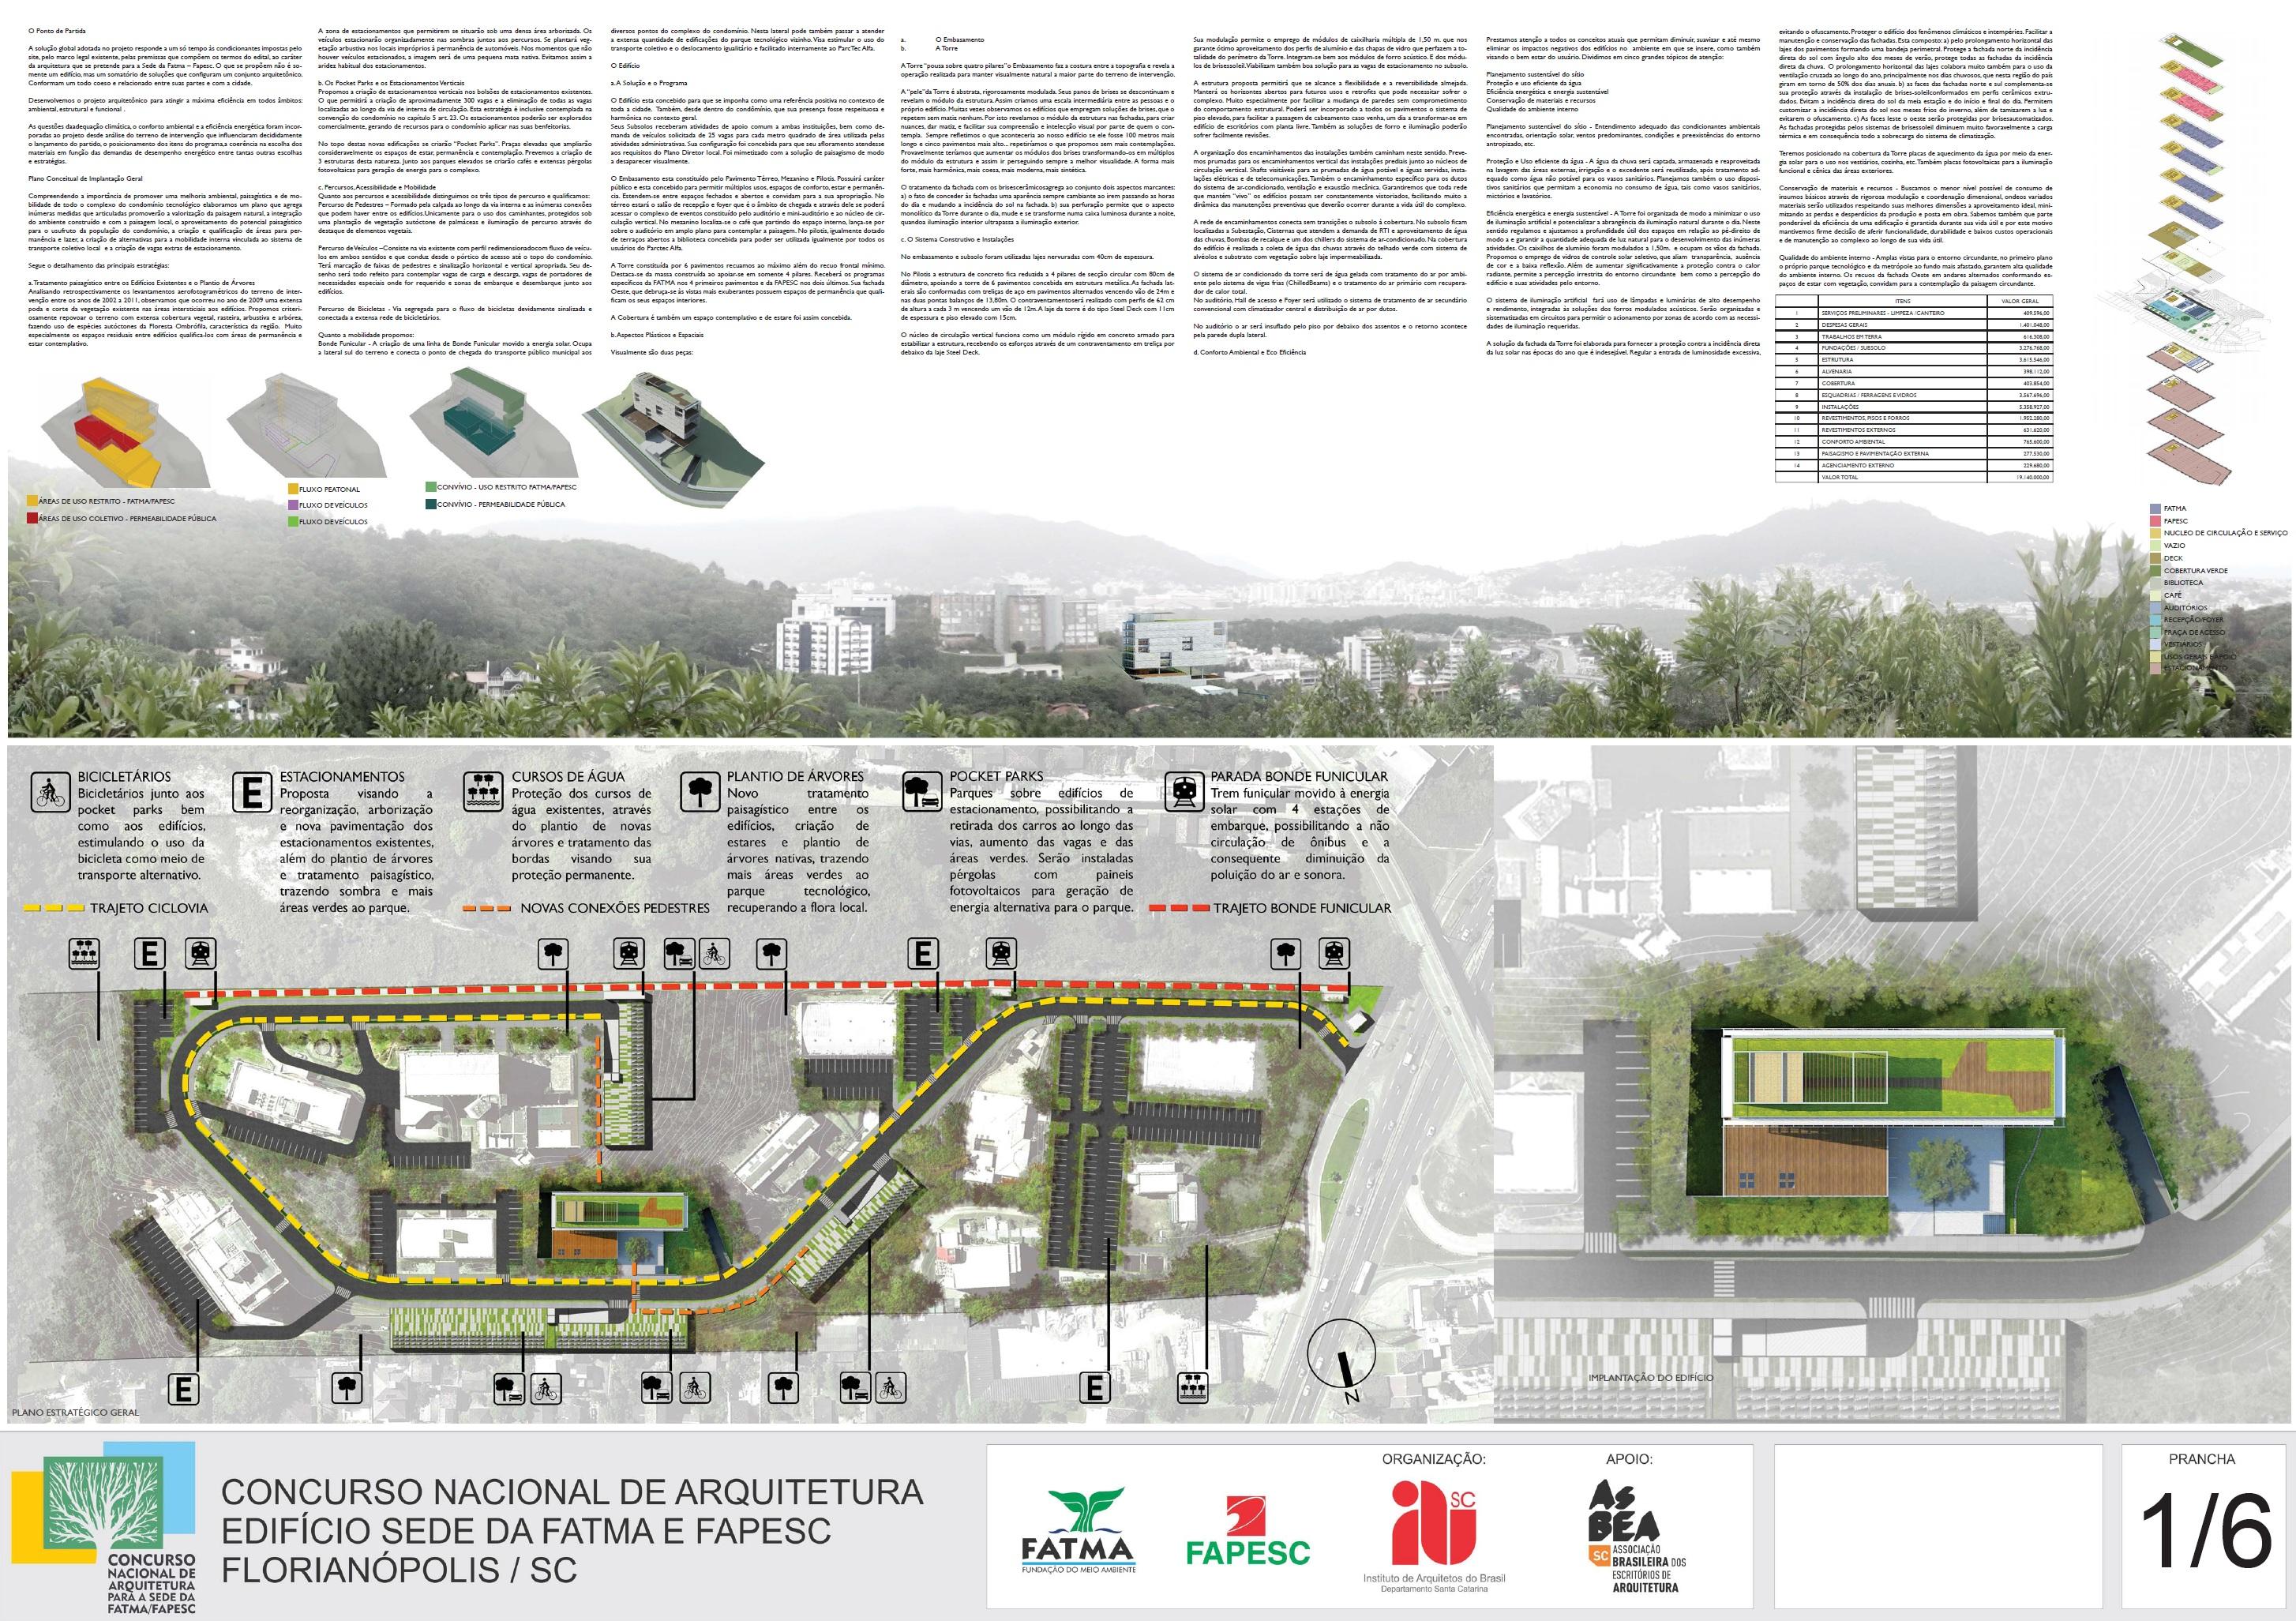 Fabuloso Concurso Nacional de Arquitetura para a Sede da FATMA/FAPESC – 3  LZ54